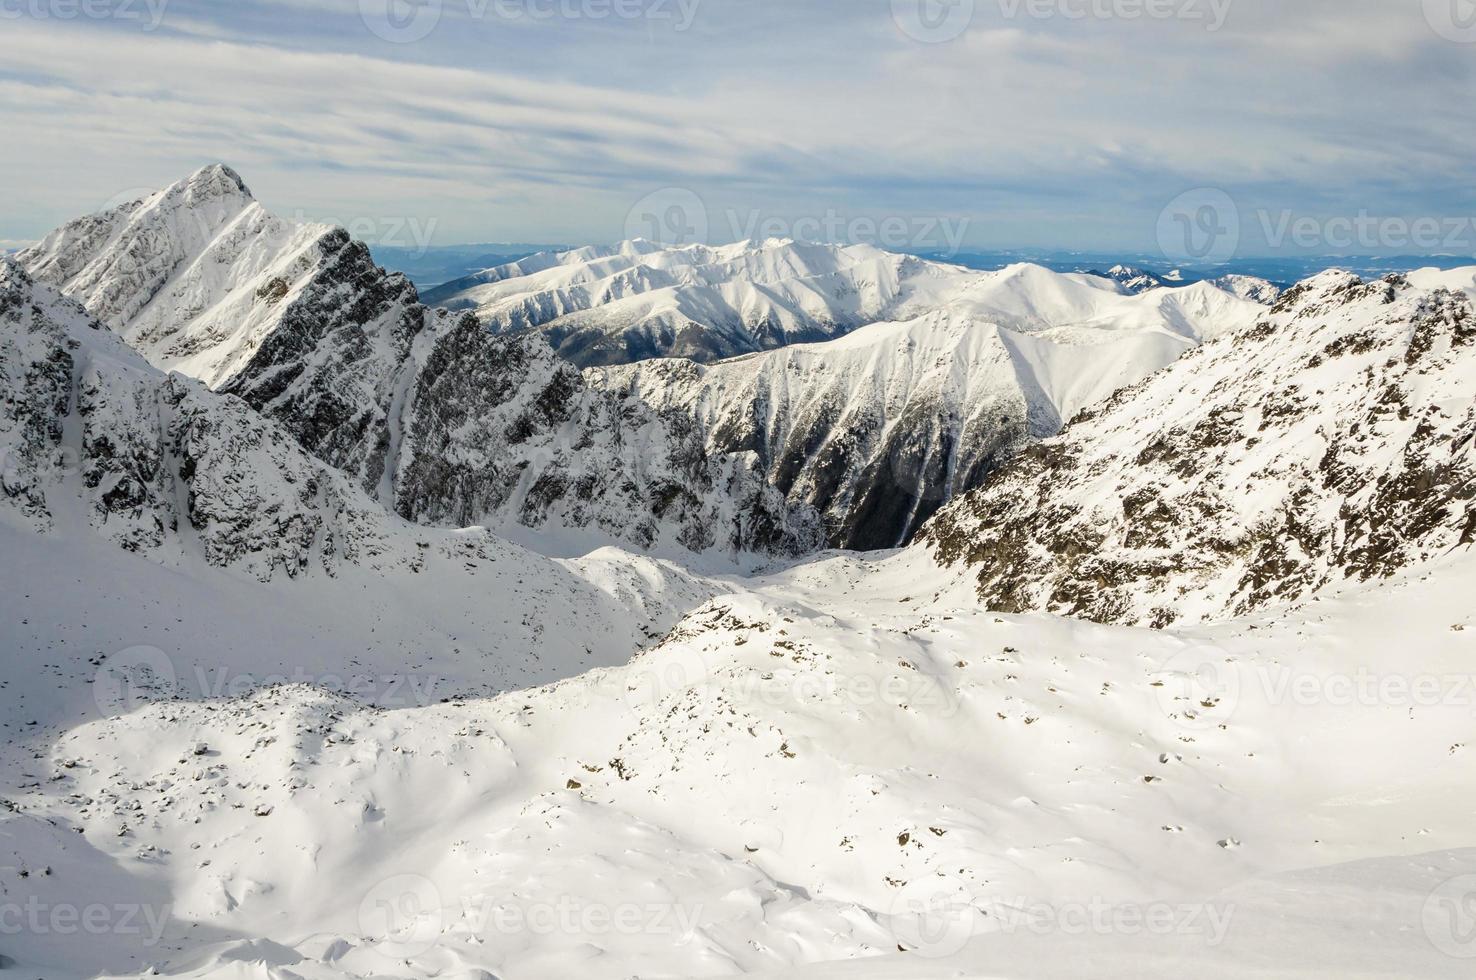 winter in de bergen is prachtig foto